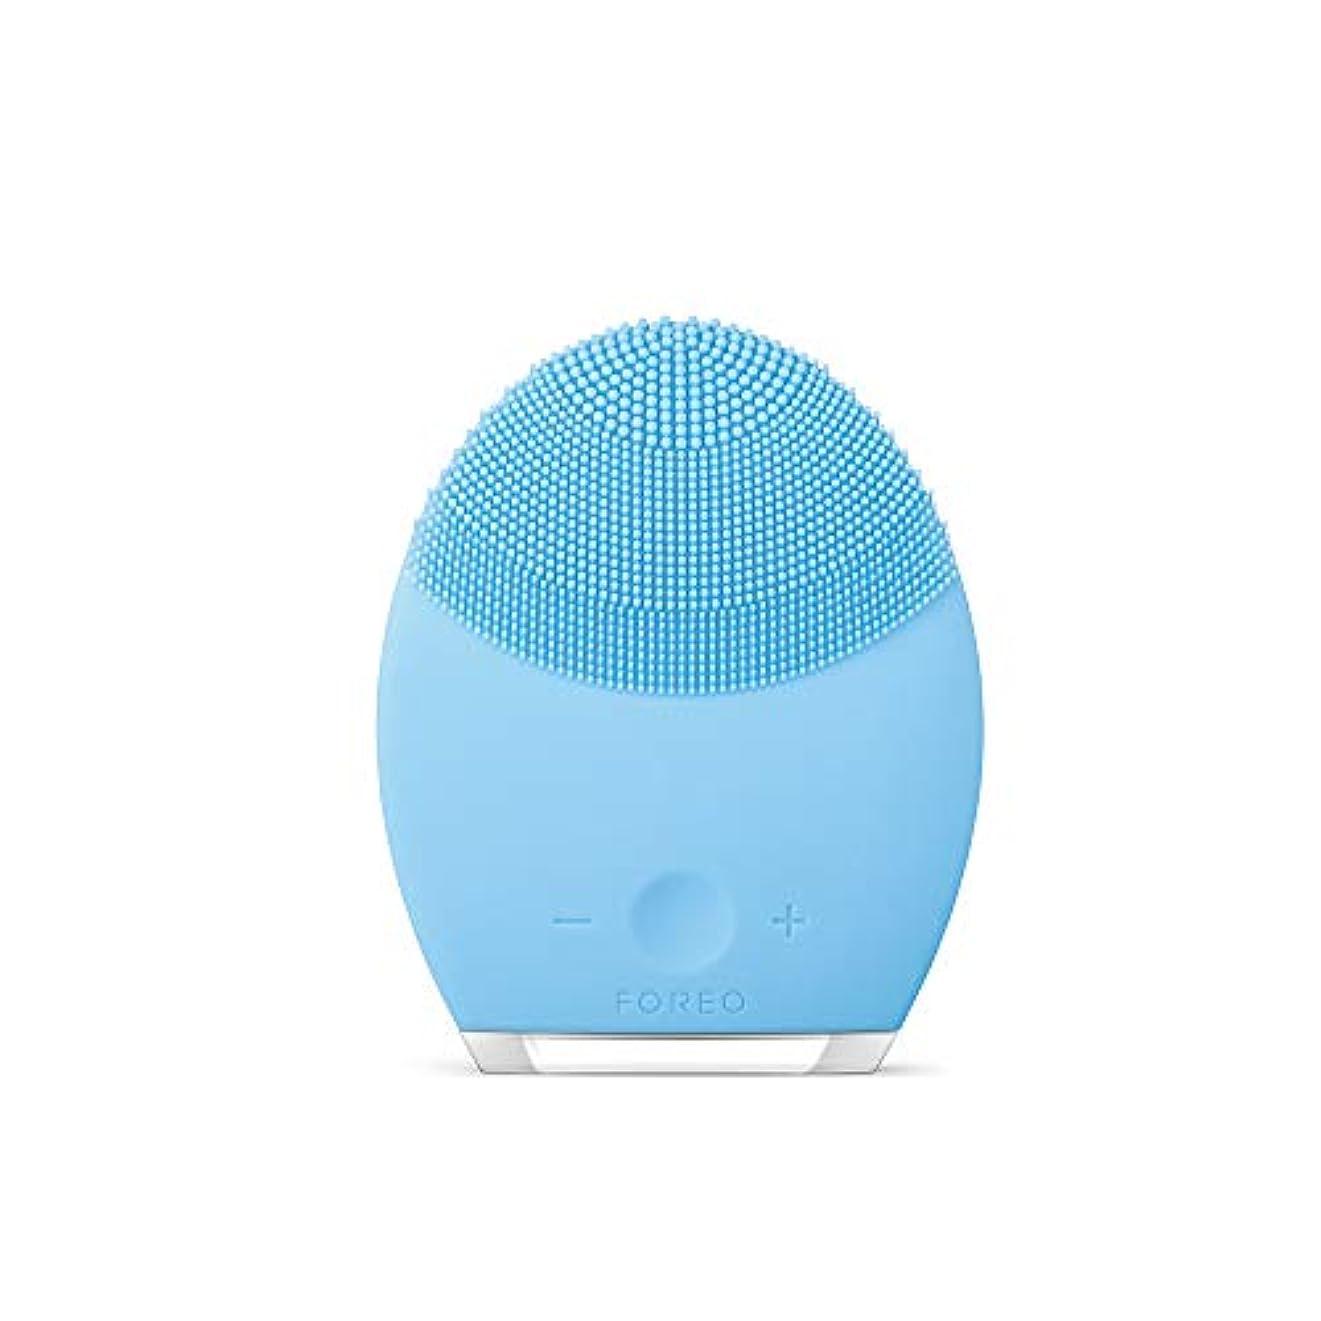 絶えずタヒチくるみFOREO LUNA 2 for コンビネーションスキン 電動洗顔ブラシ シリコーン製 音波振動 エイジングケア※